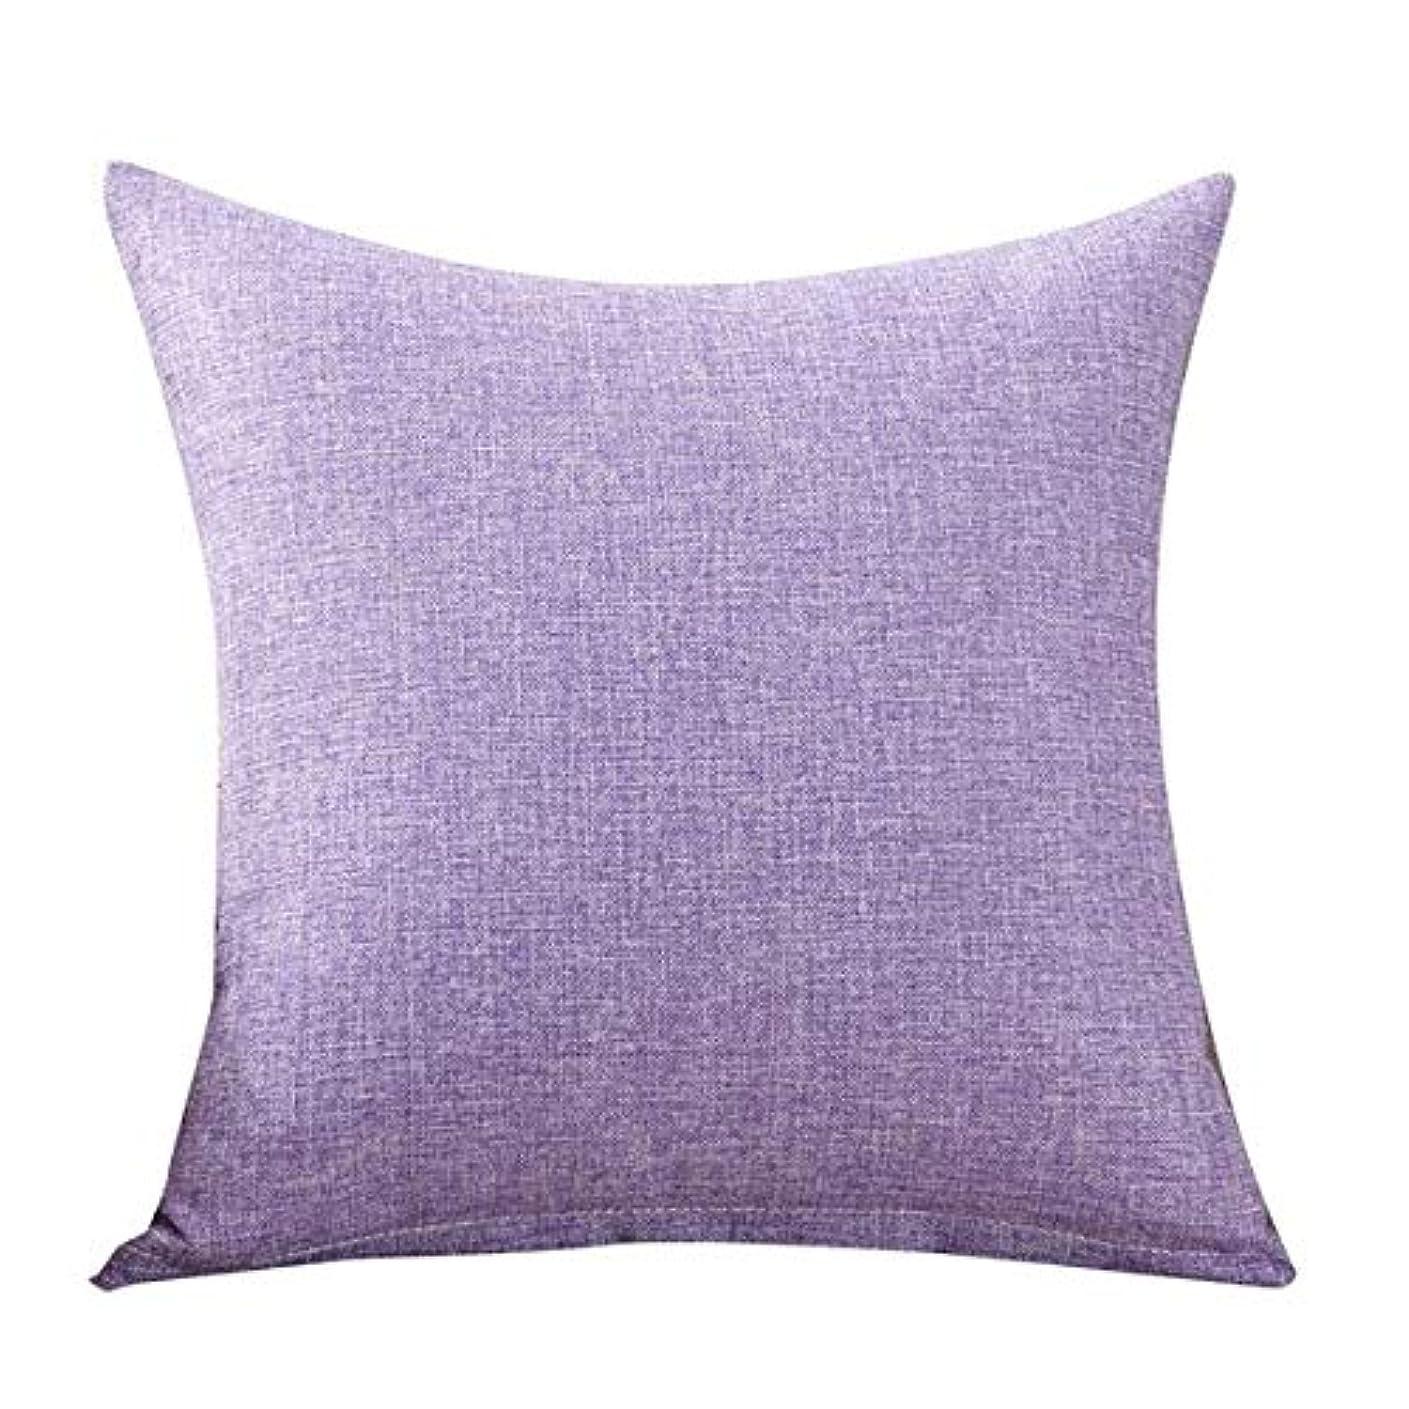 無視する先祖スマイルLIFE クリエイティブシンプルなファッションスロー枕クッションカフェソファクッションのホームインテリア z0403# G20 クッション 椅子